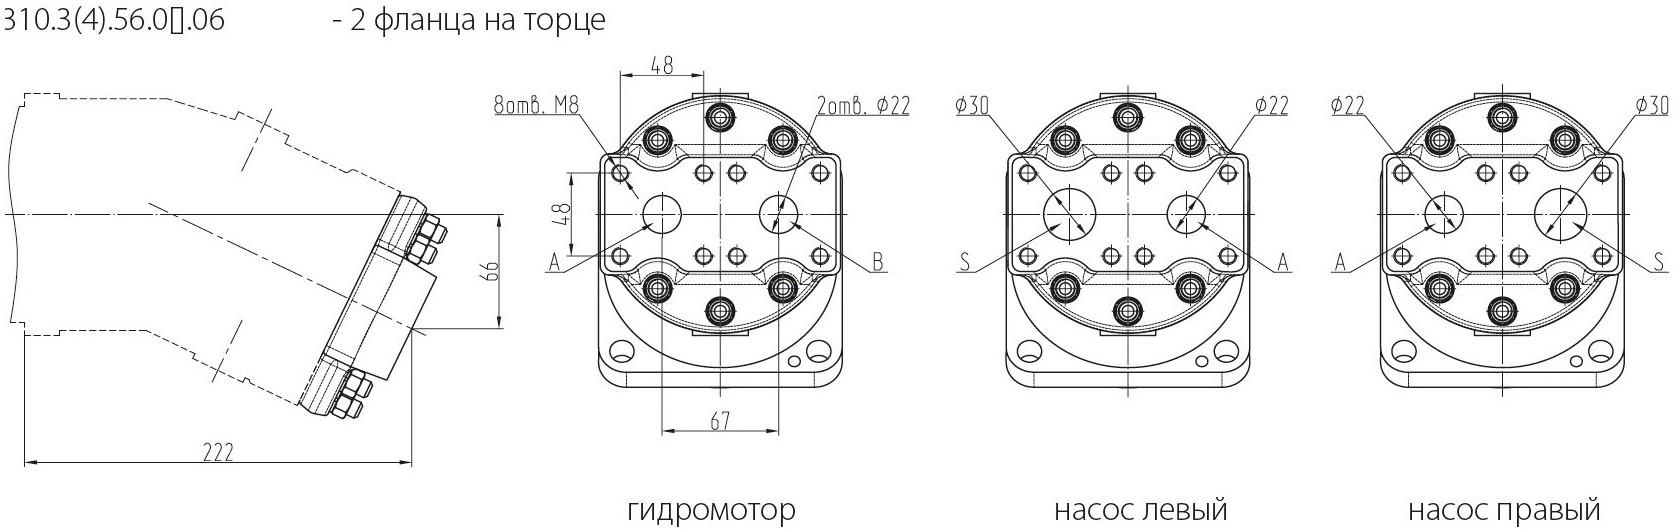 310.2.56.00.06 Присоединение рабочих линий встроенная аппаратура